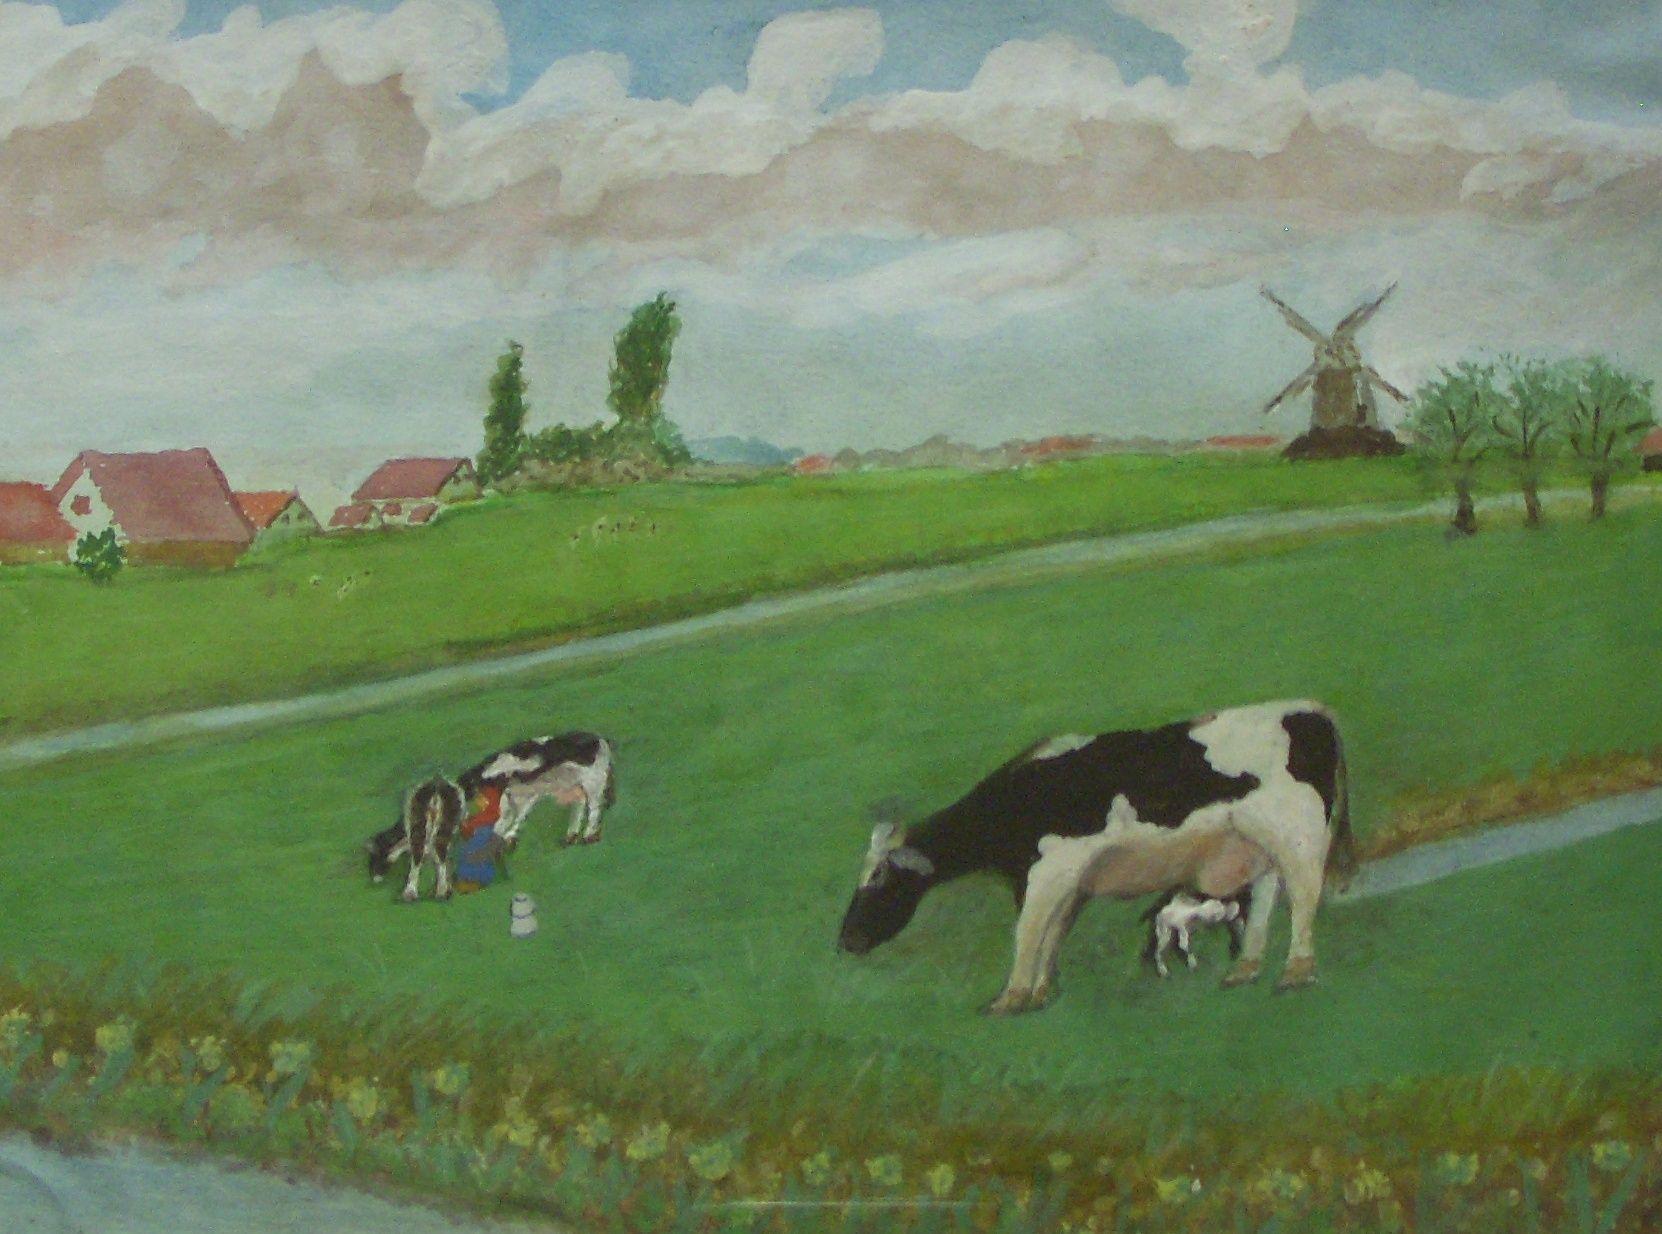 Kühe auf der Weide, U. Kretschmer